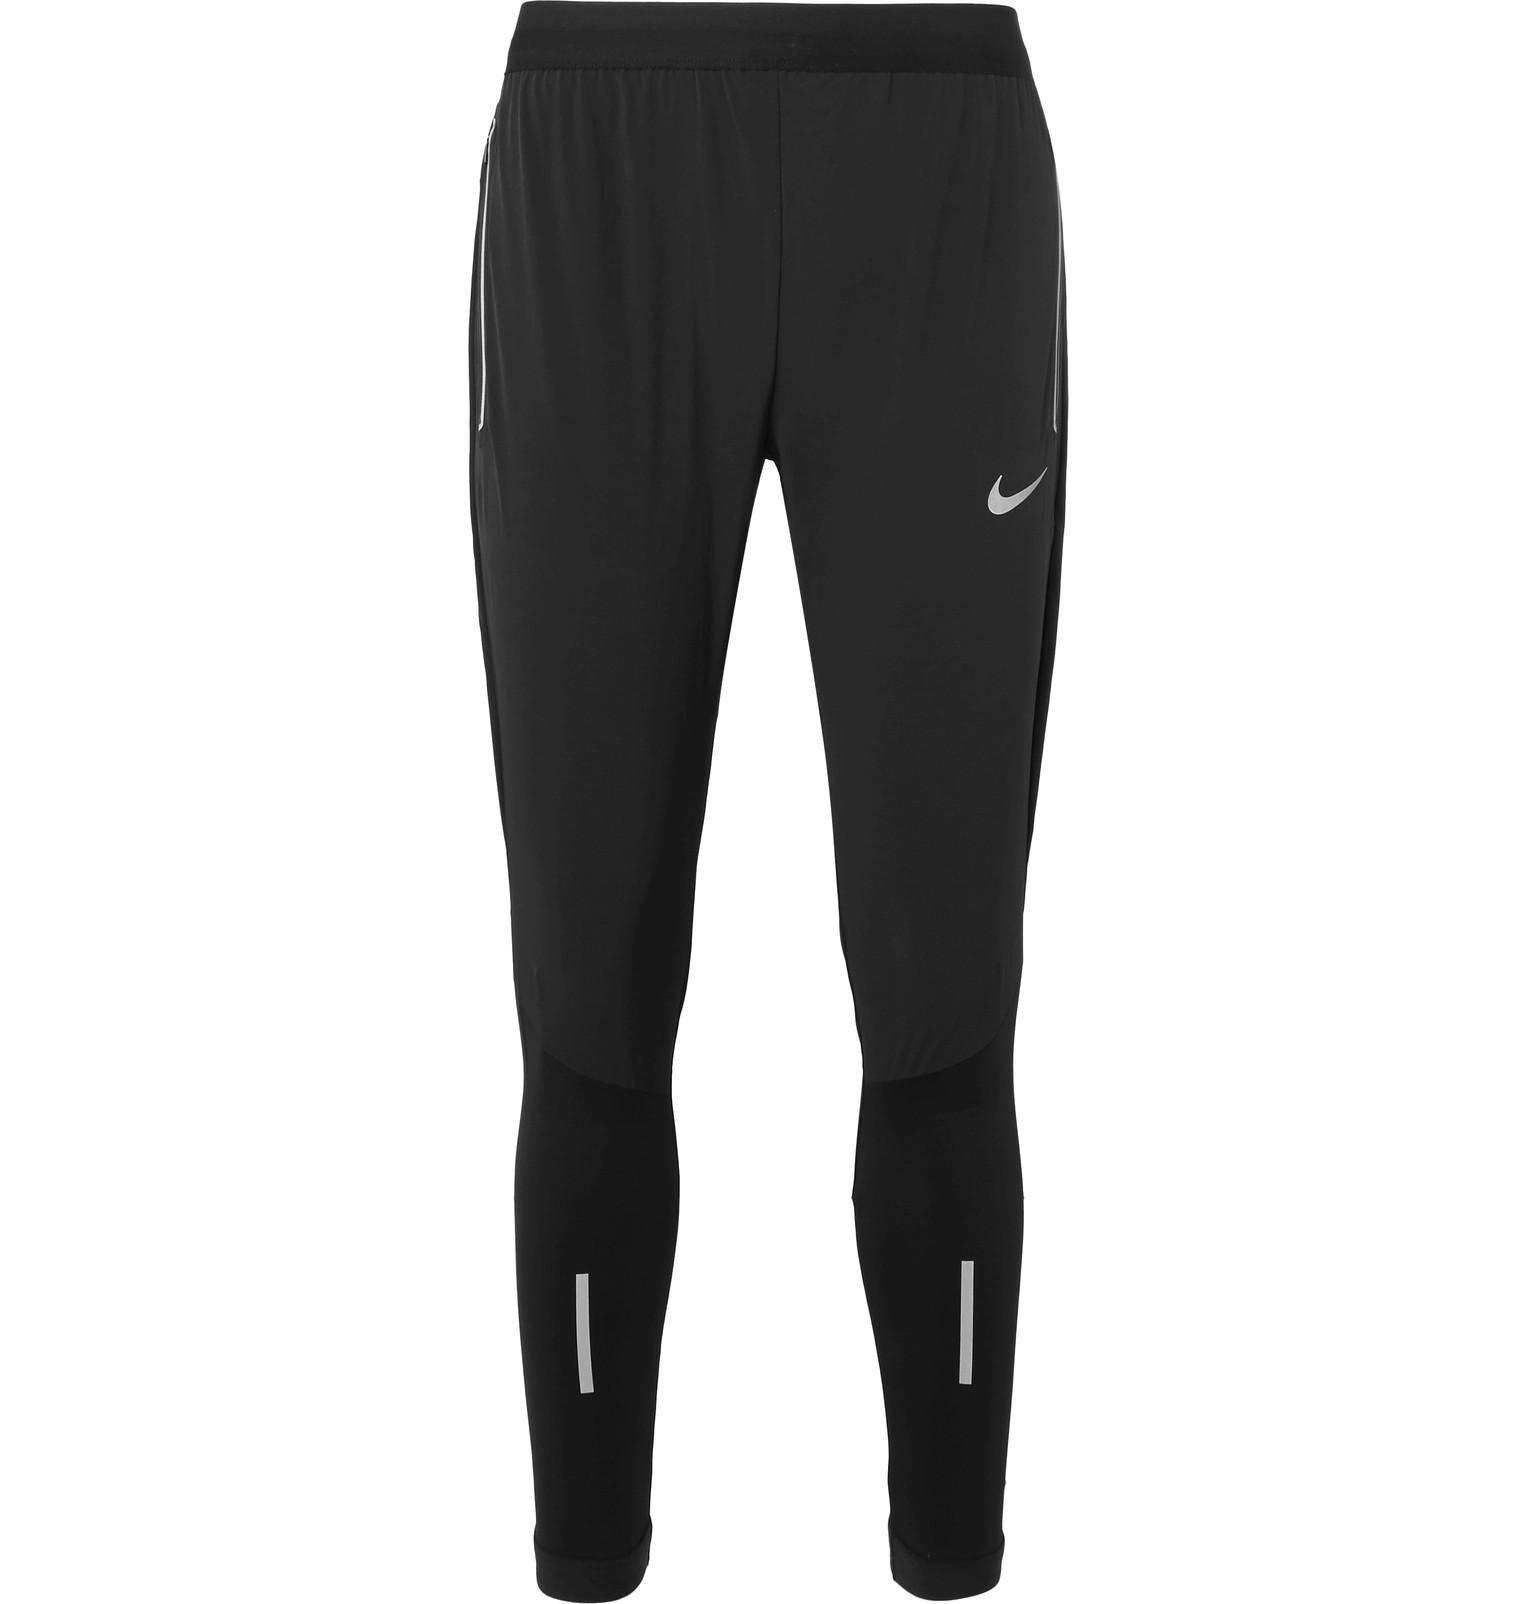 0bbe60d1e7fb Lyst - Nike Flex Swift Jersey Sweatpants in Black for Men